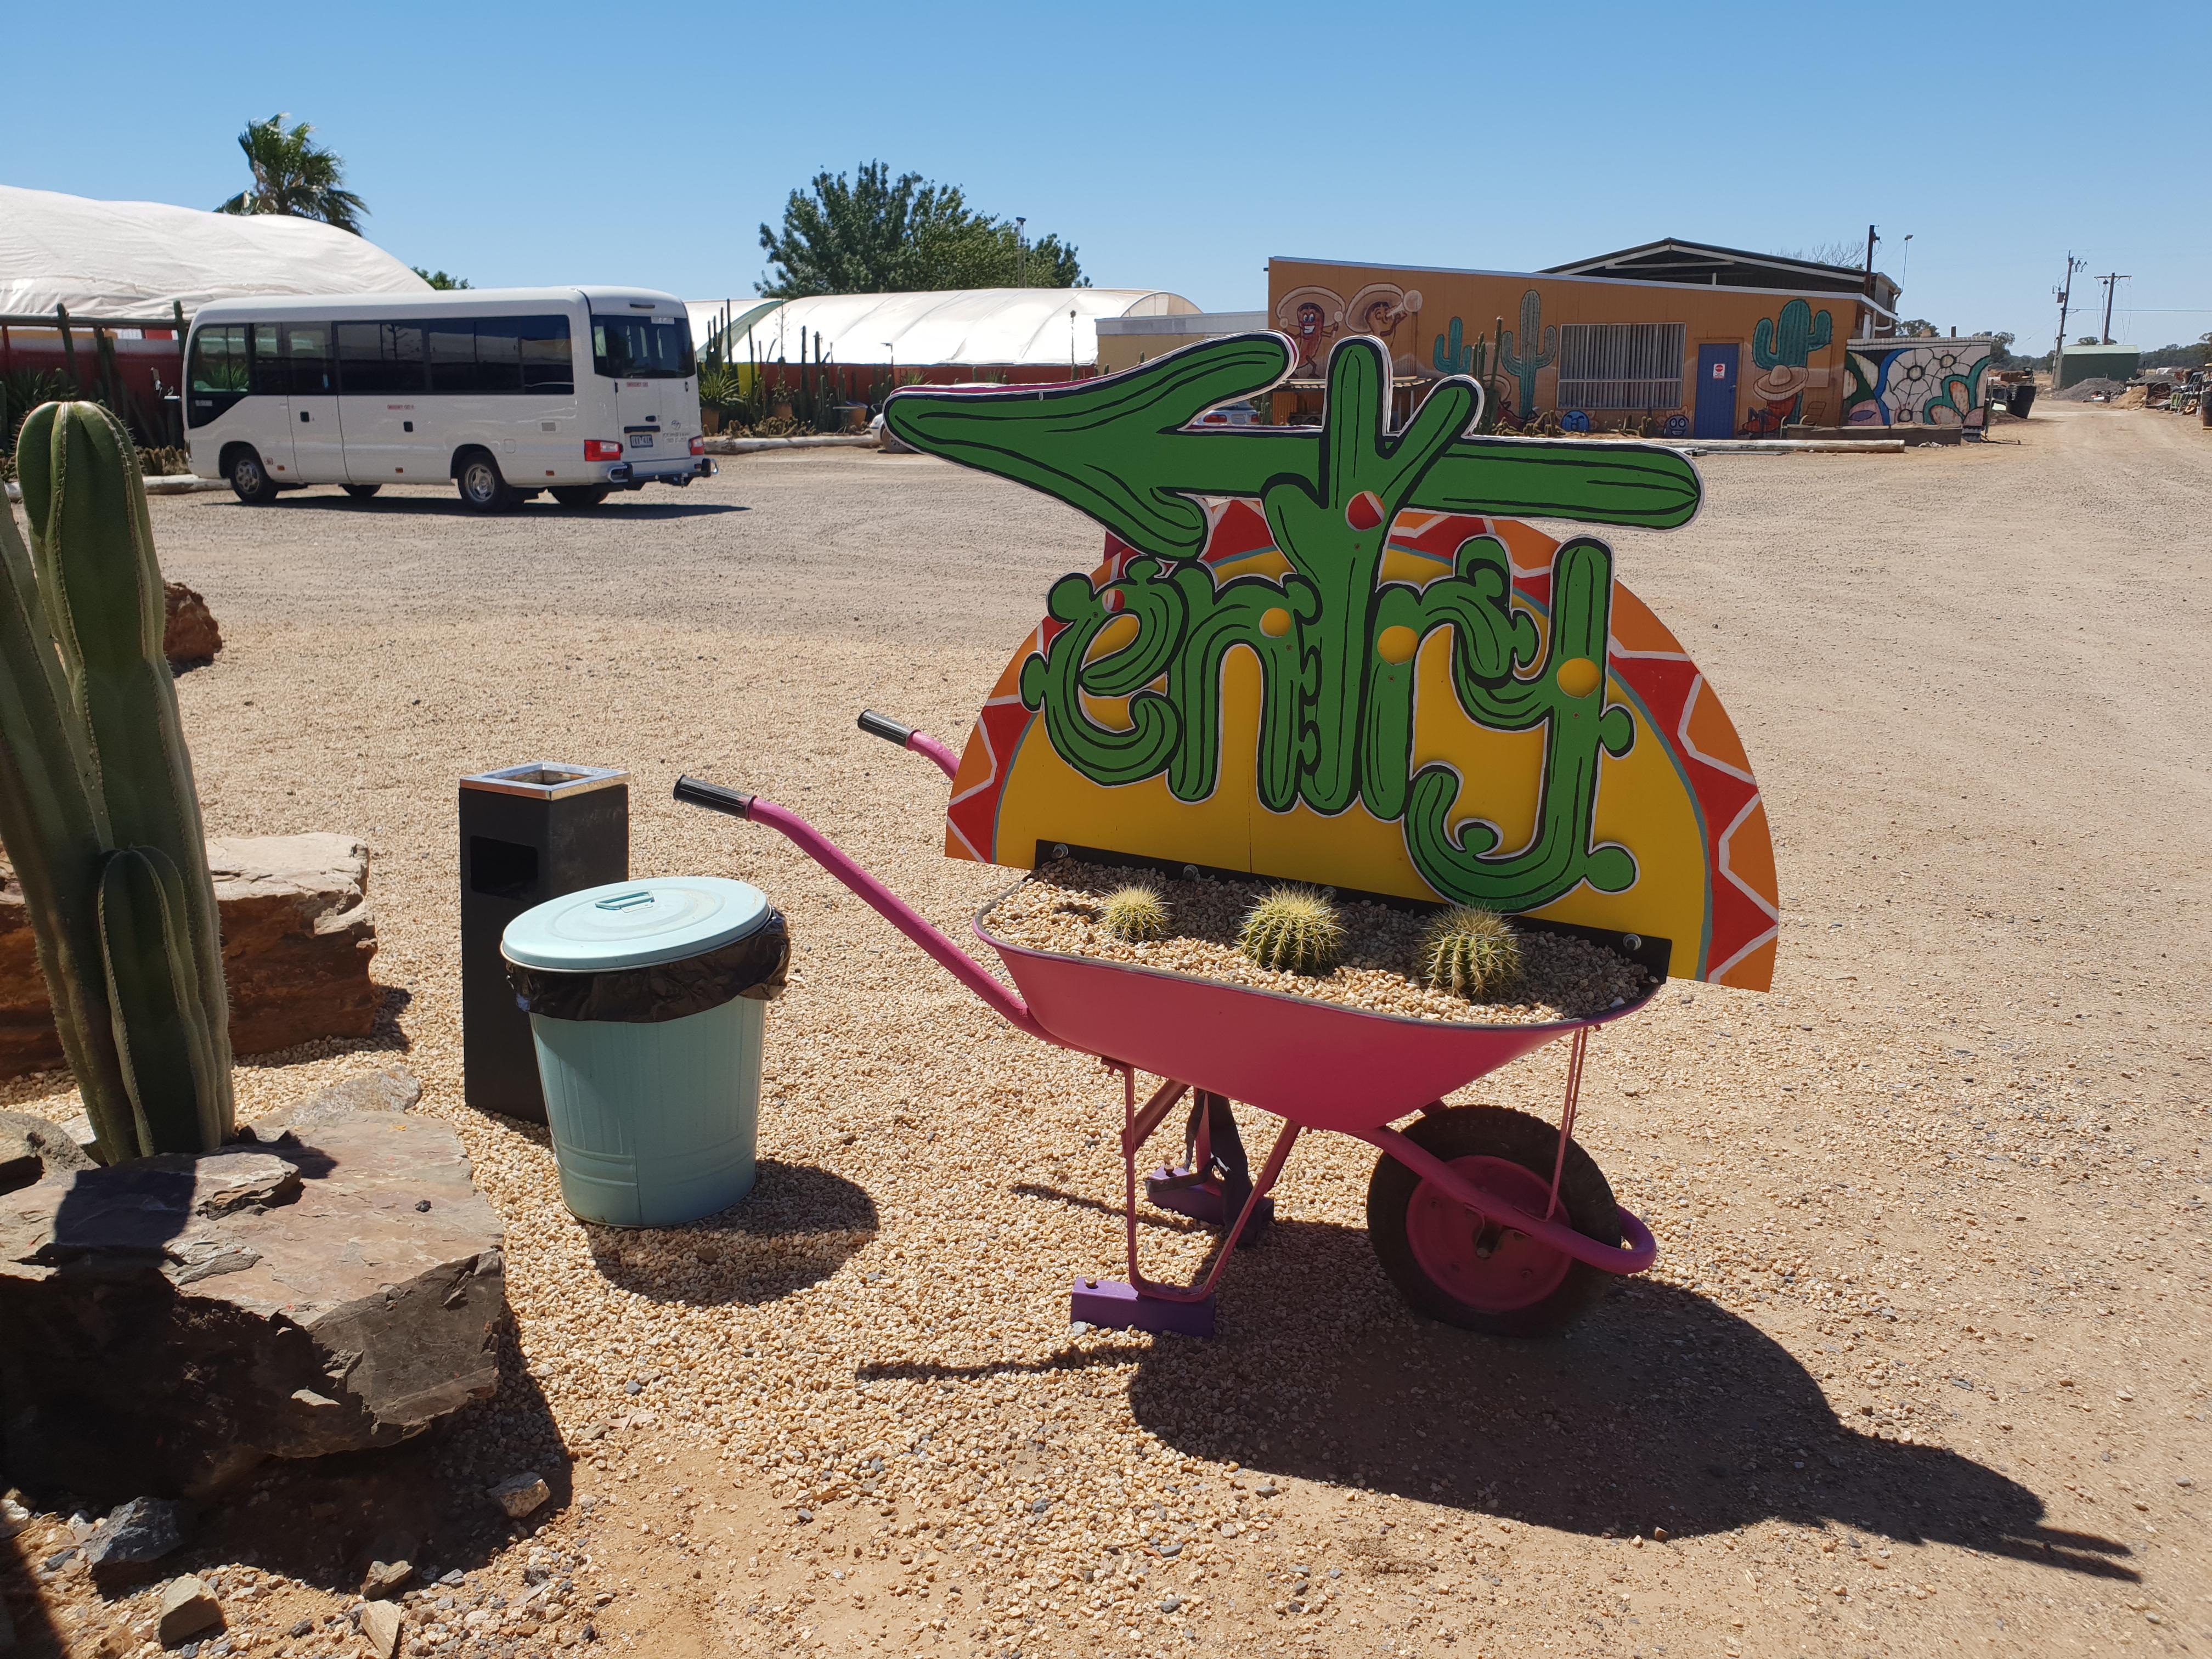 サボテンの国 Cactus Country でメキシカン体験!